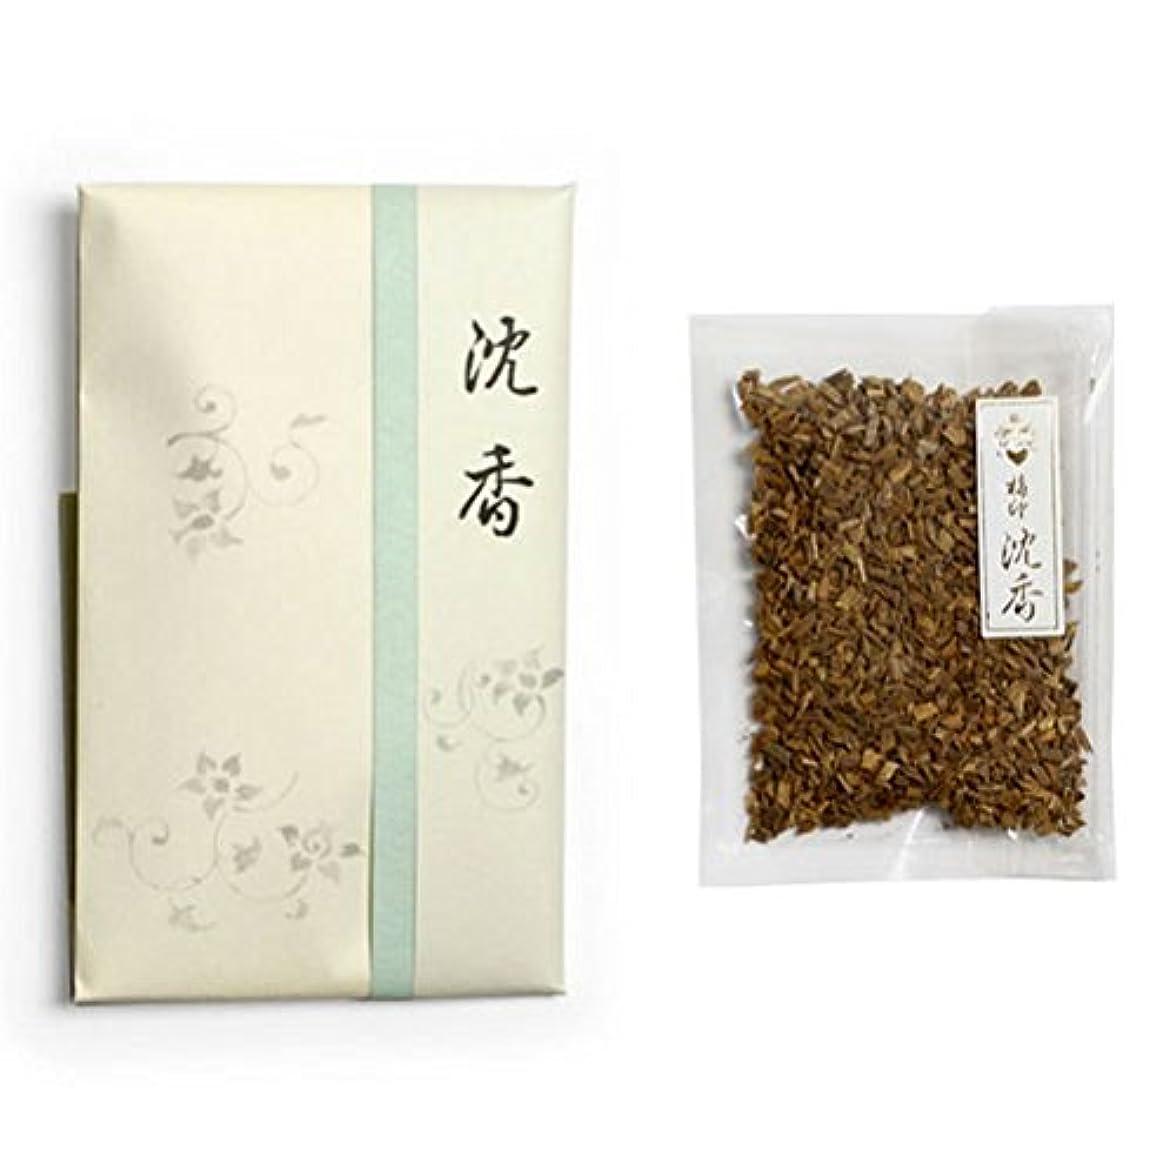 スープ浮浪者別れる香木 竹印 沈香 刻(きざみ) 5g詰 松栄堂